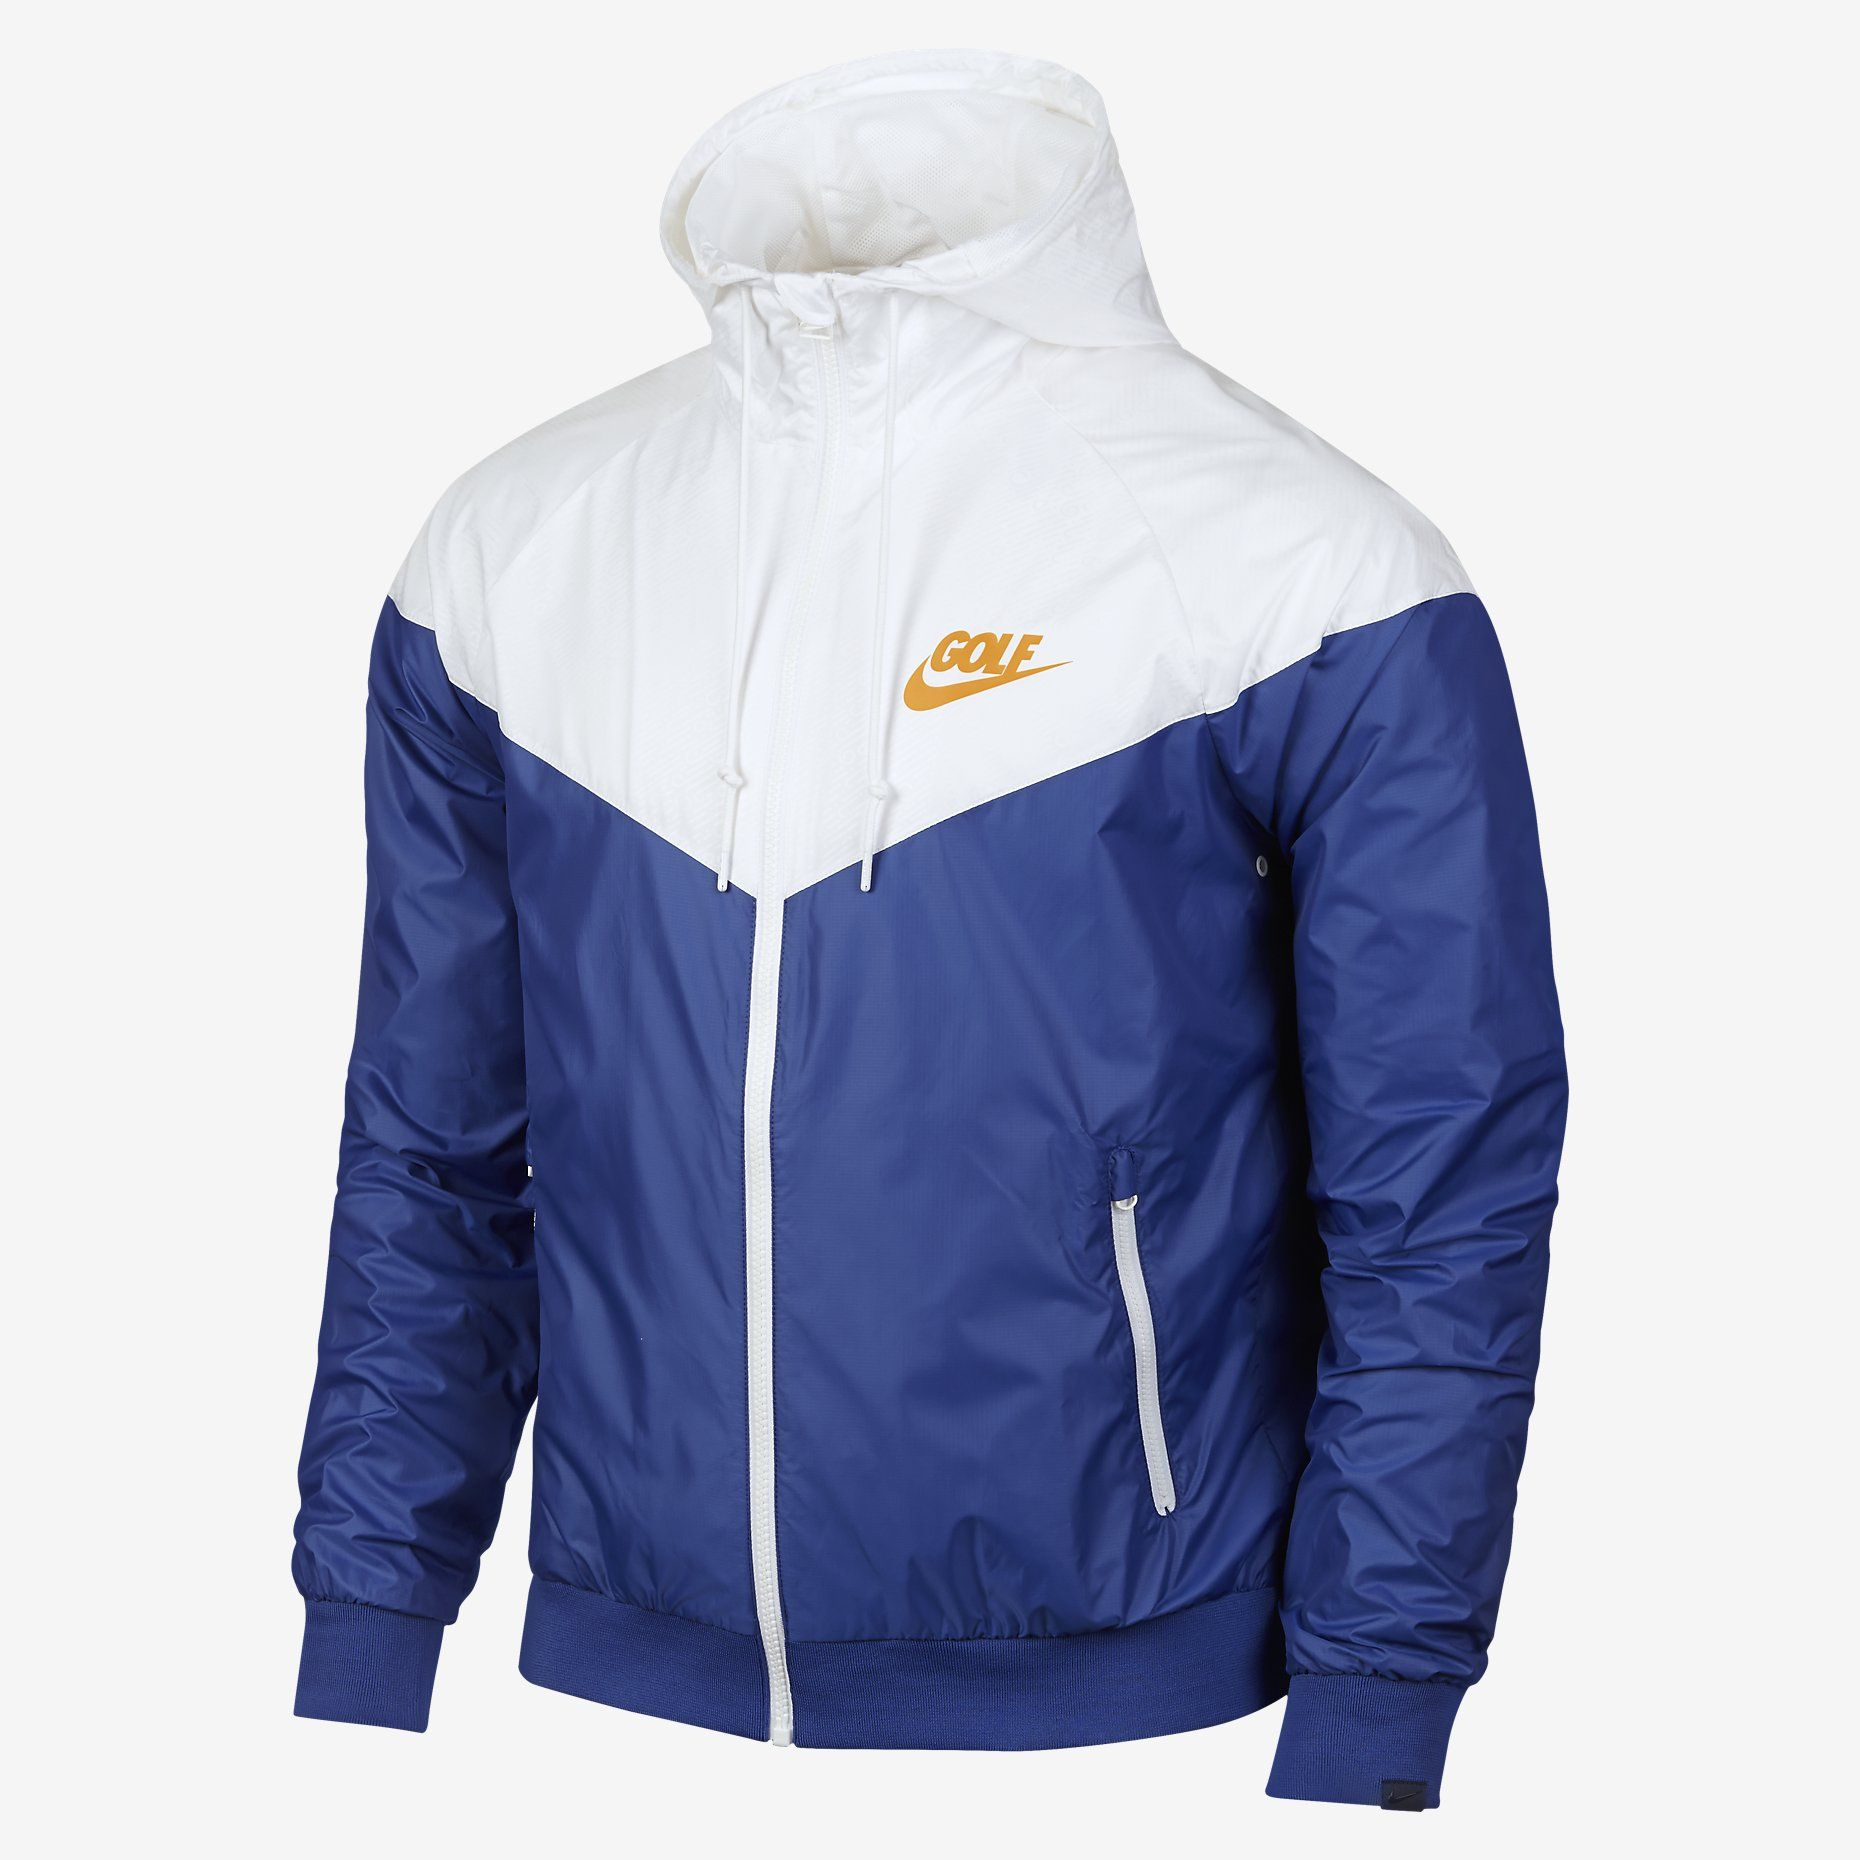 4ada12efb0 Nike Golf Windrunner Men s Jacket. Nike Store